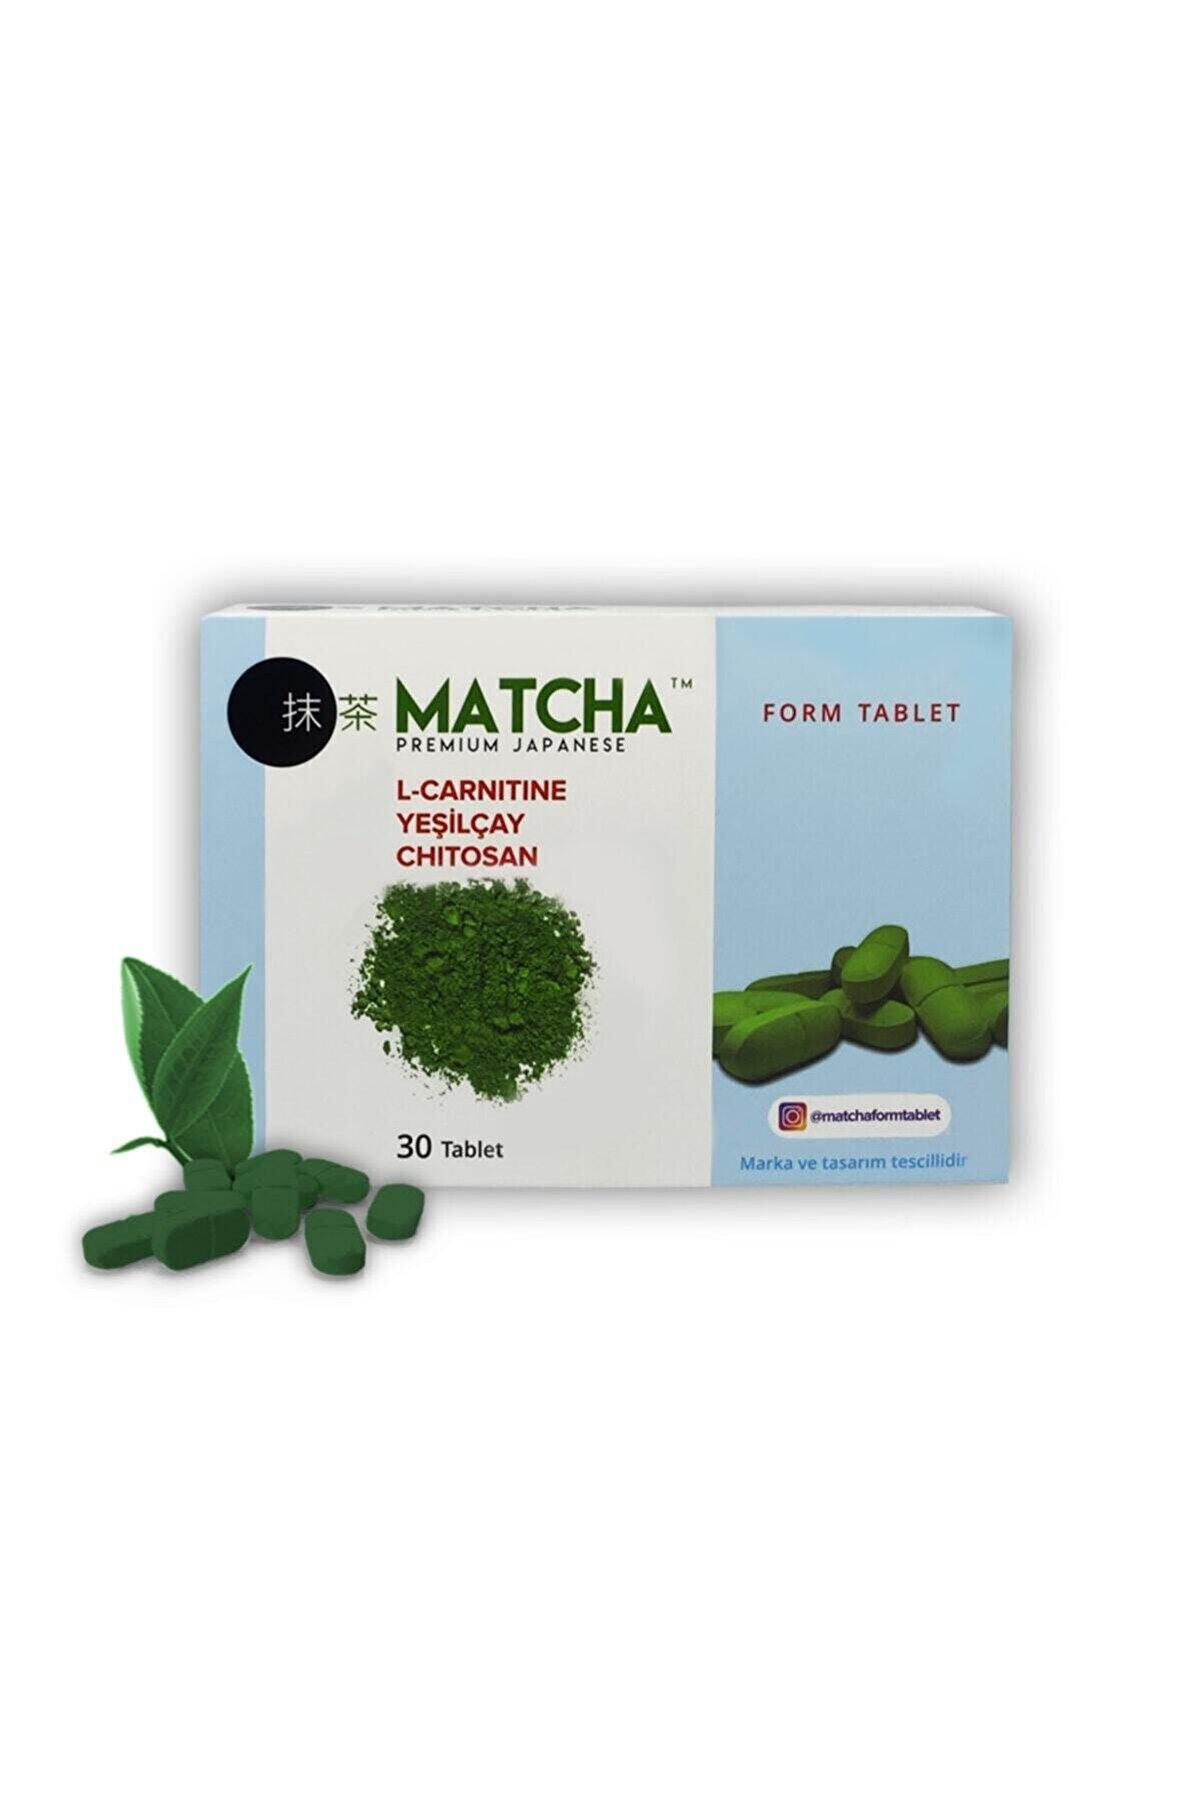 Bilge İlaç Matcha Form L-carnitine Tablet 1350mg